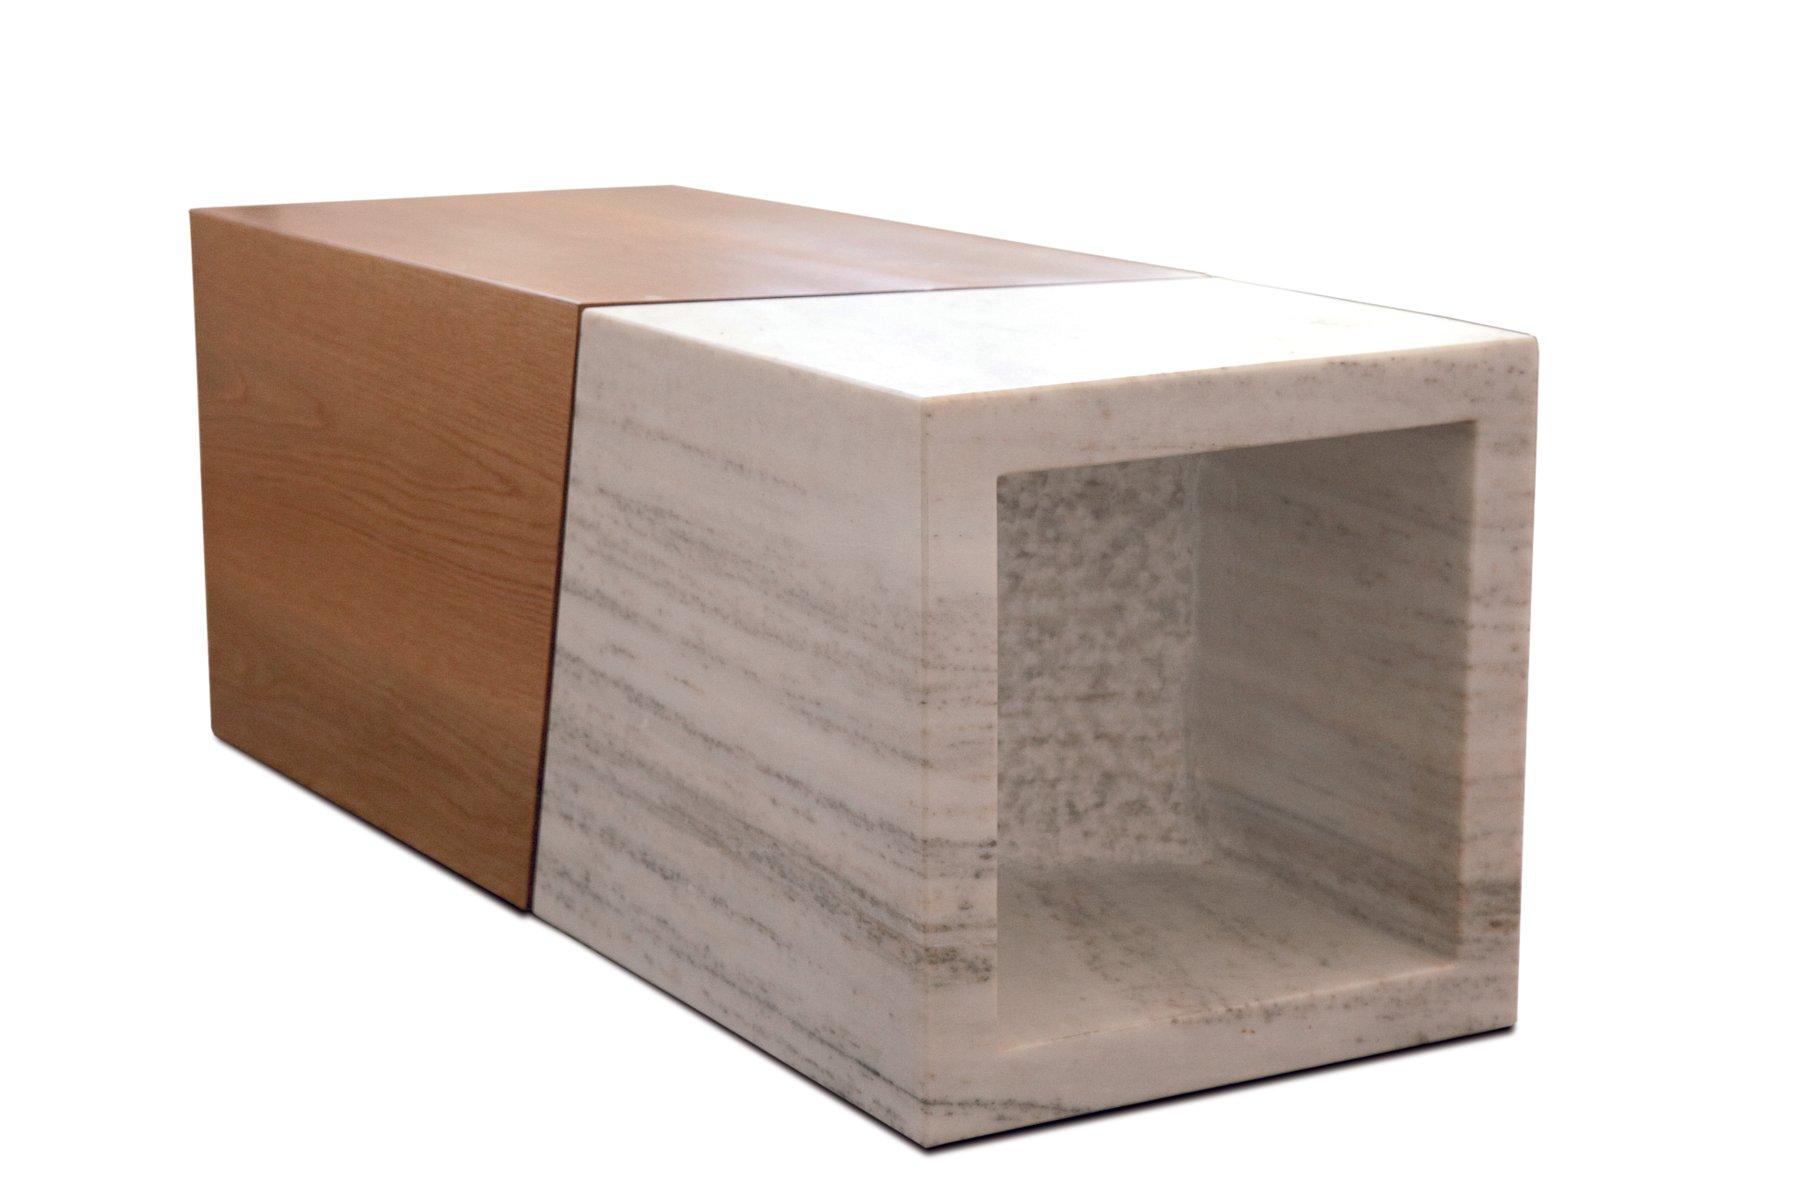 couchtisch aus holz mit marmor von maria vidali bei pamono. Black Bedroom Furniture Sets. Home Design Ideas